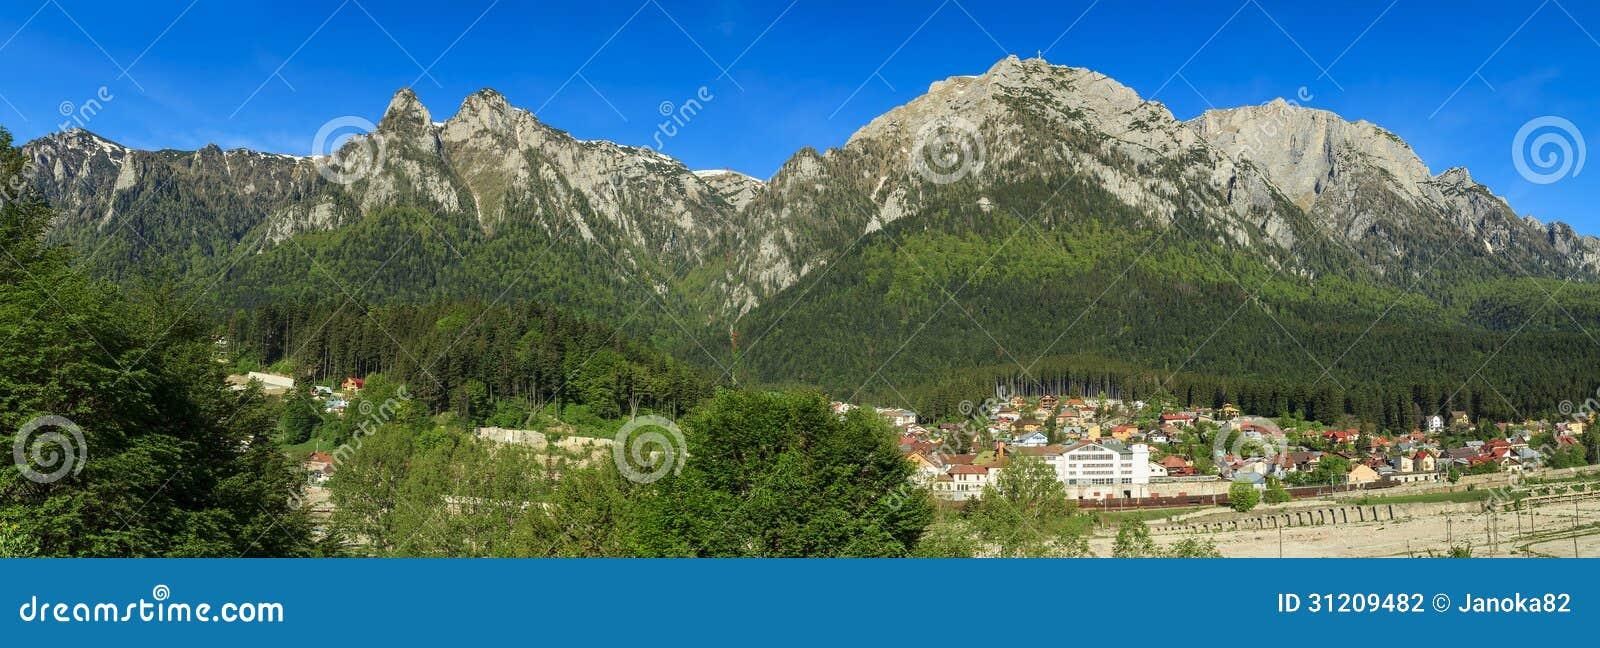 Bucegi berg panorama, Carpathians, Rumänien